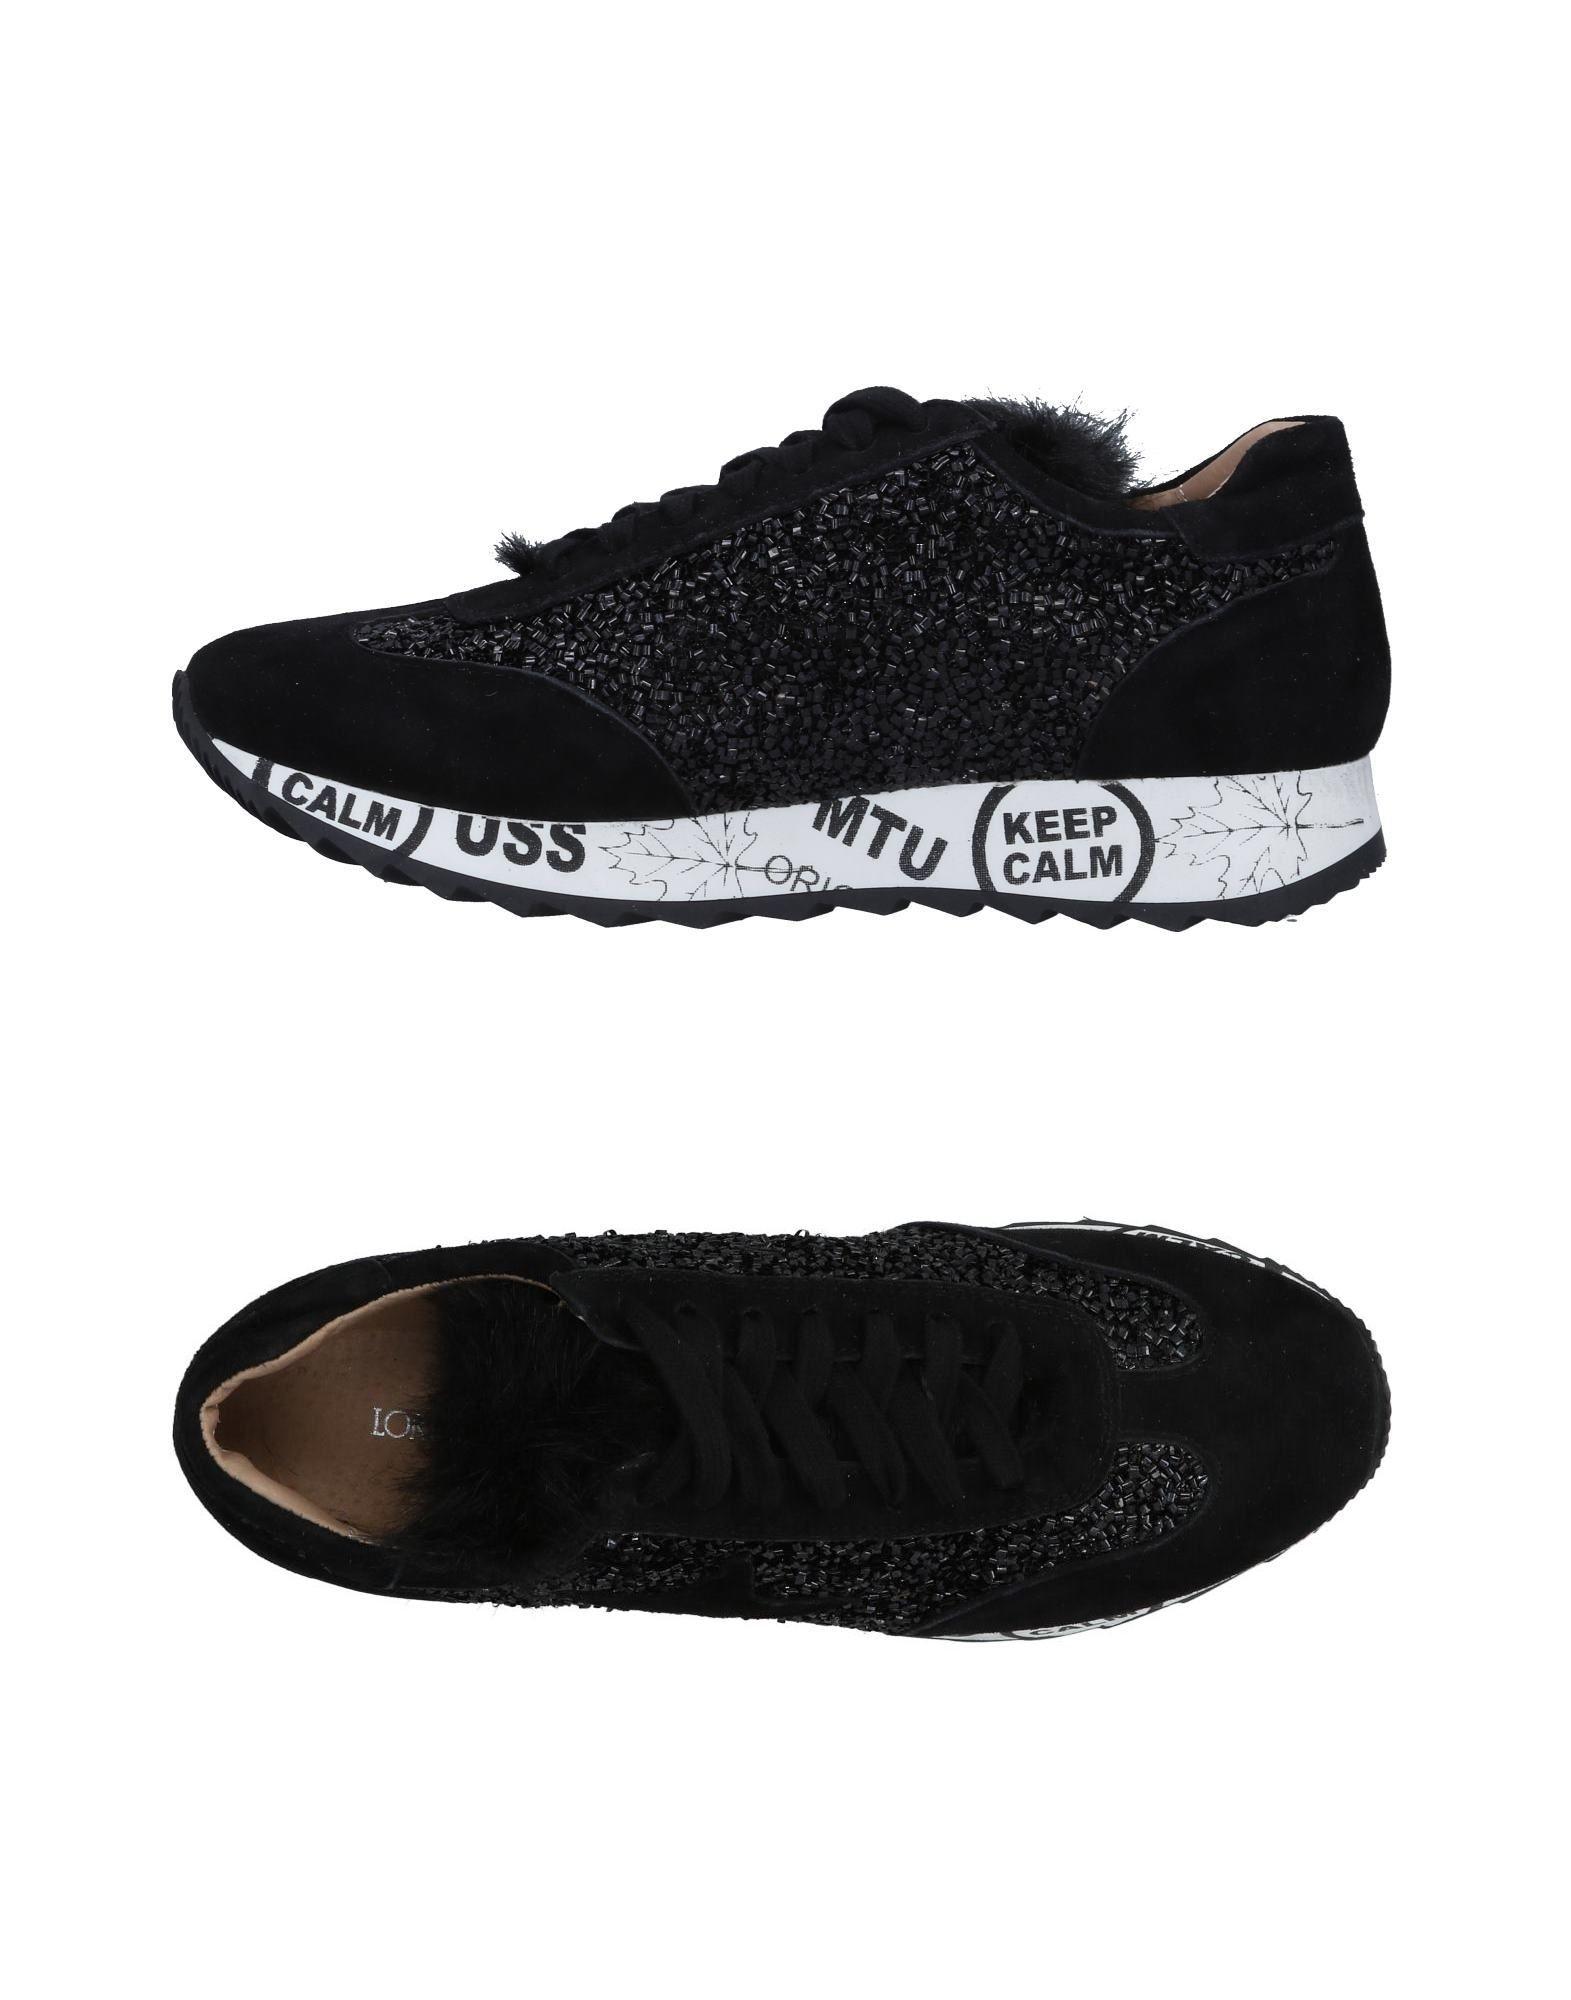 Pettinari Loretta Pettinari  Sneakers Damen  11494104VP c30d2d